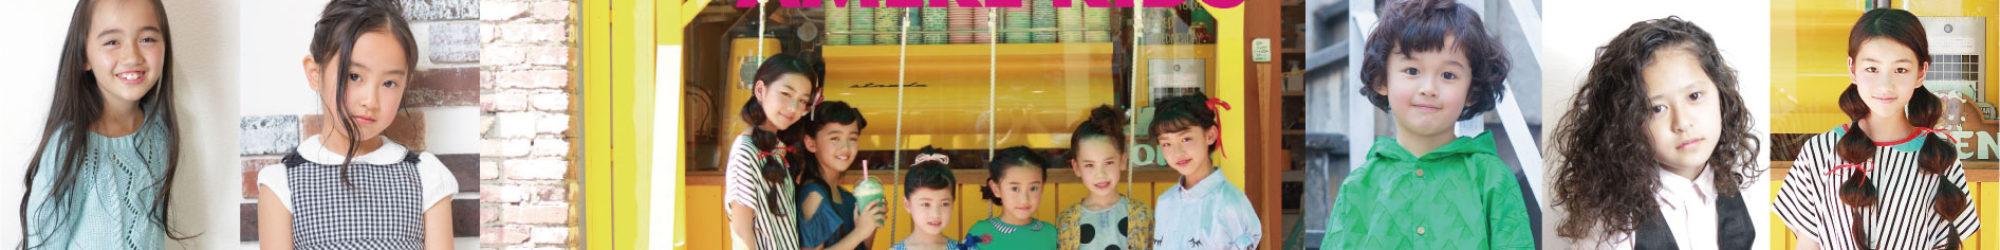 キッズファッション情報誌AMERE KIDS